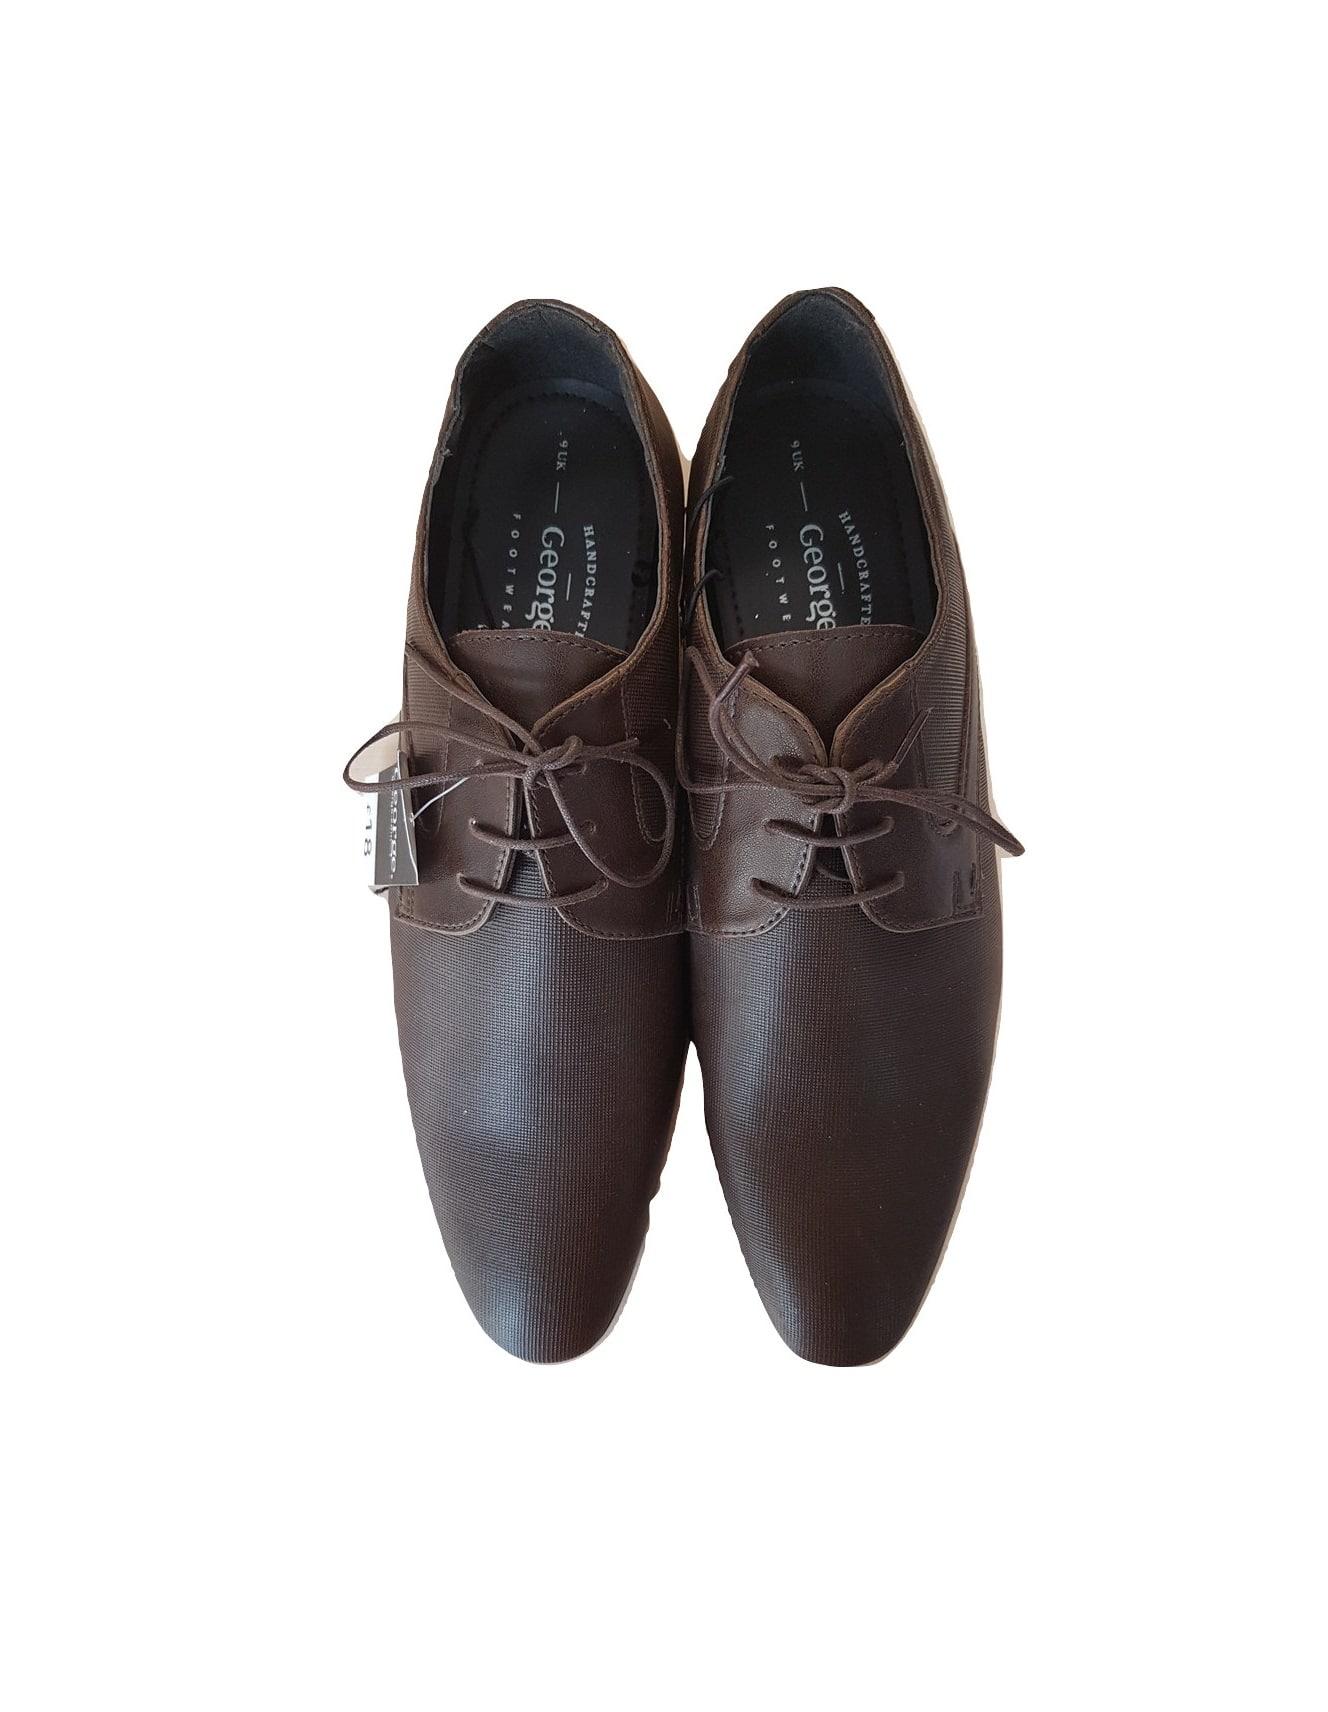 Vyriski rudi batai, George, 43 dydis